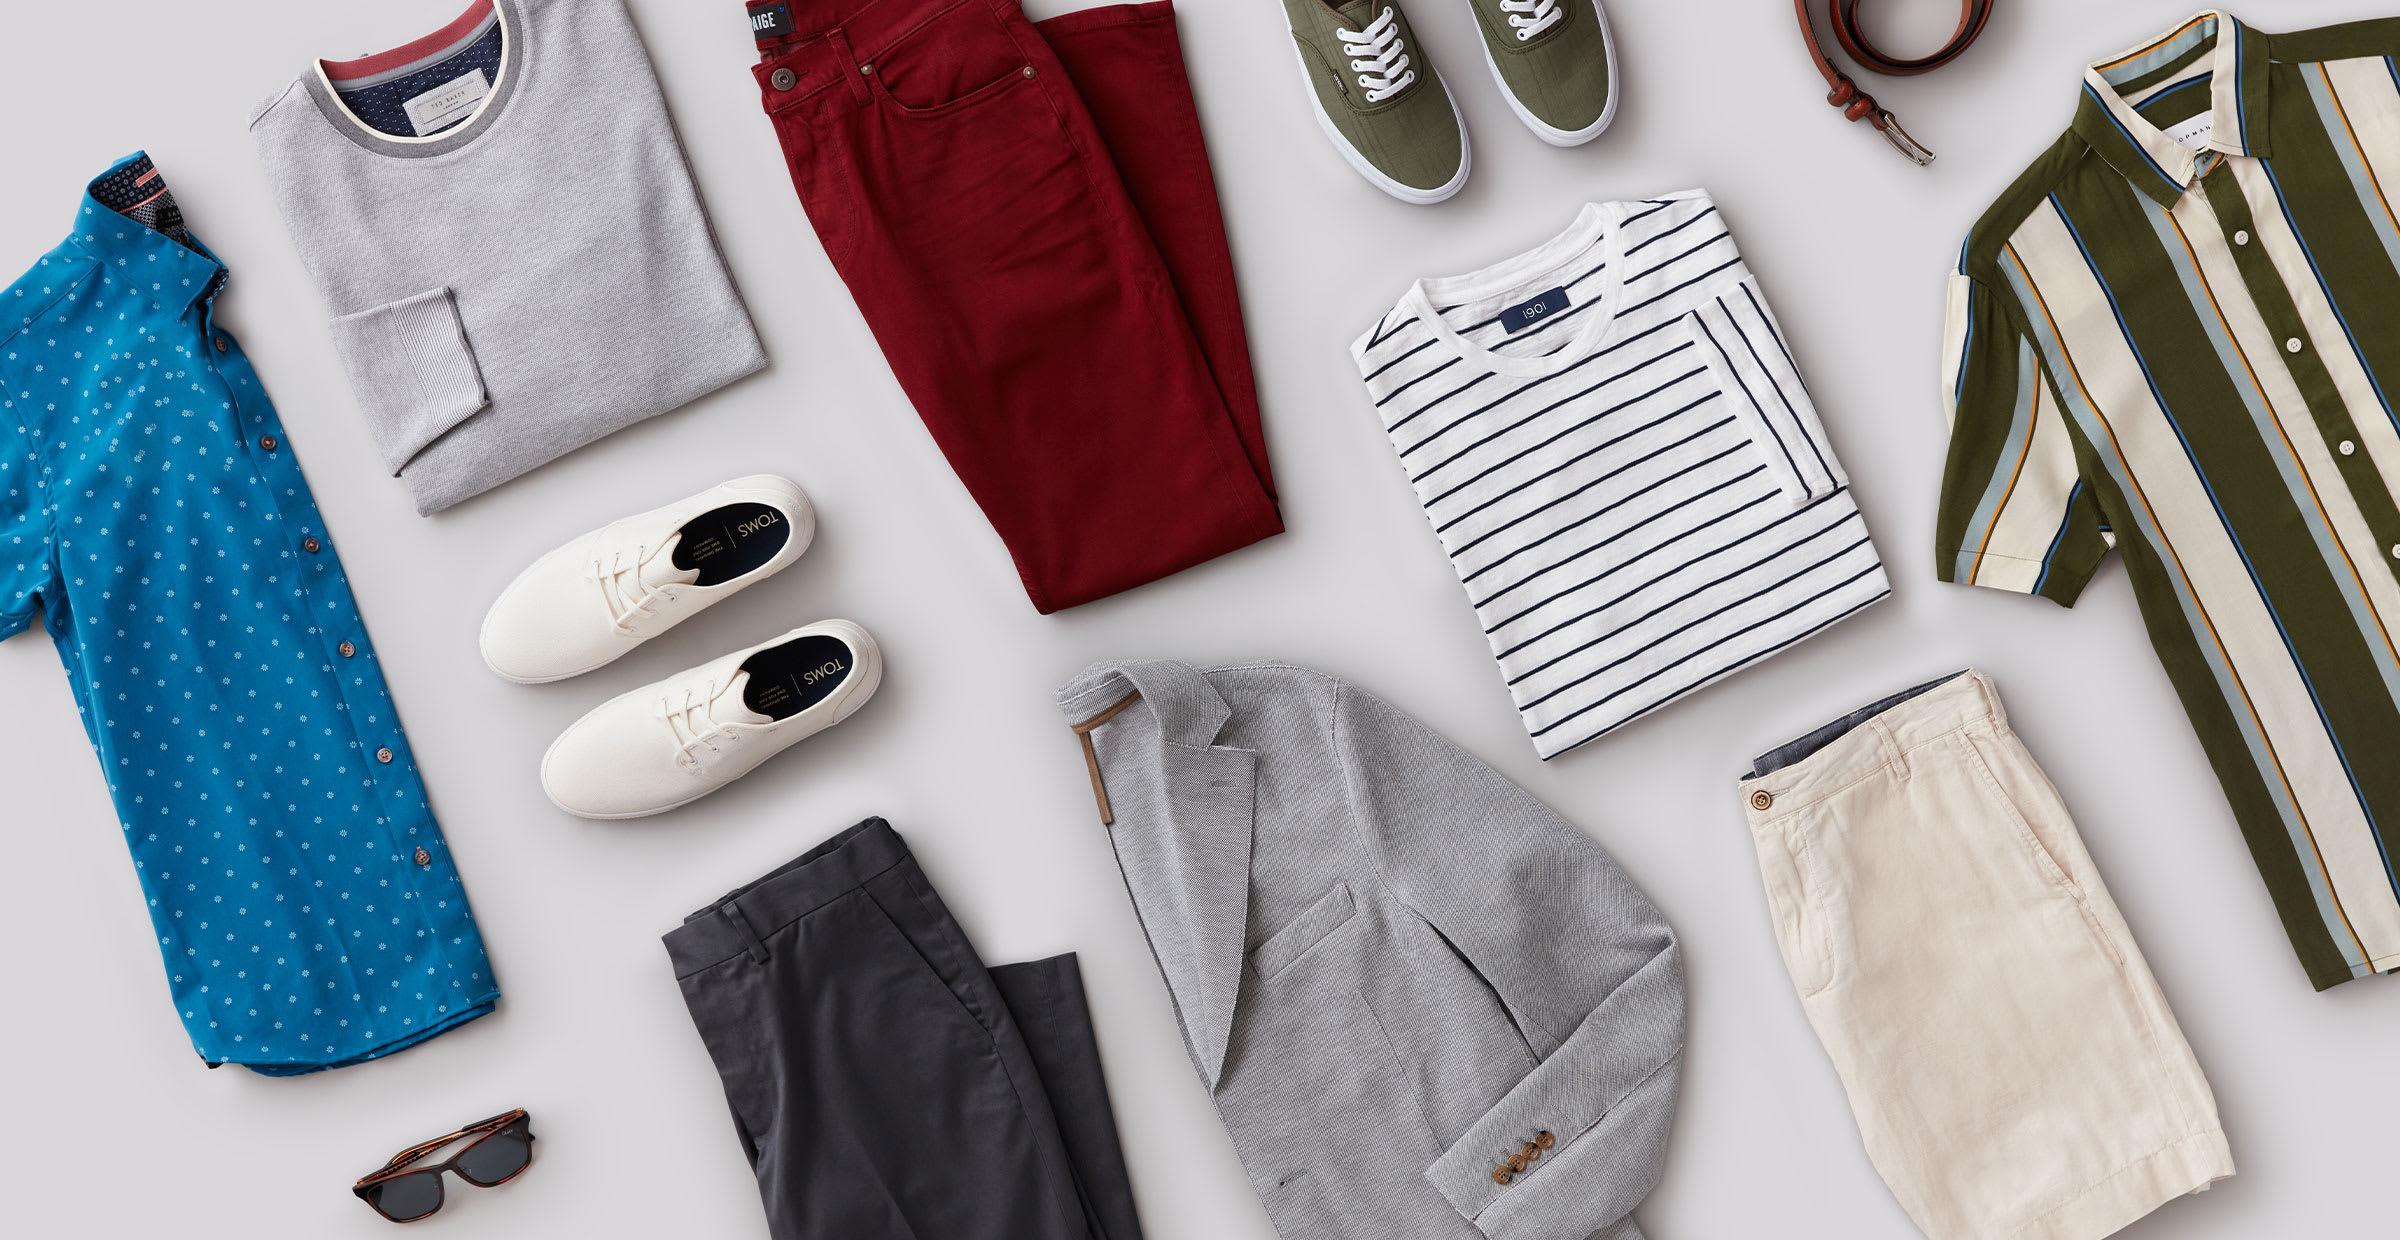 mens colorful wardrobe items